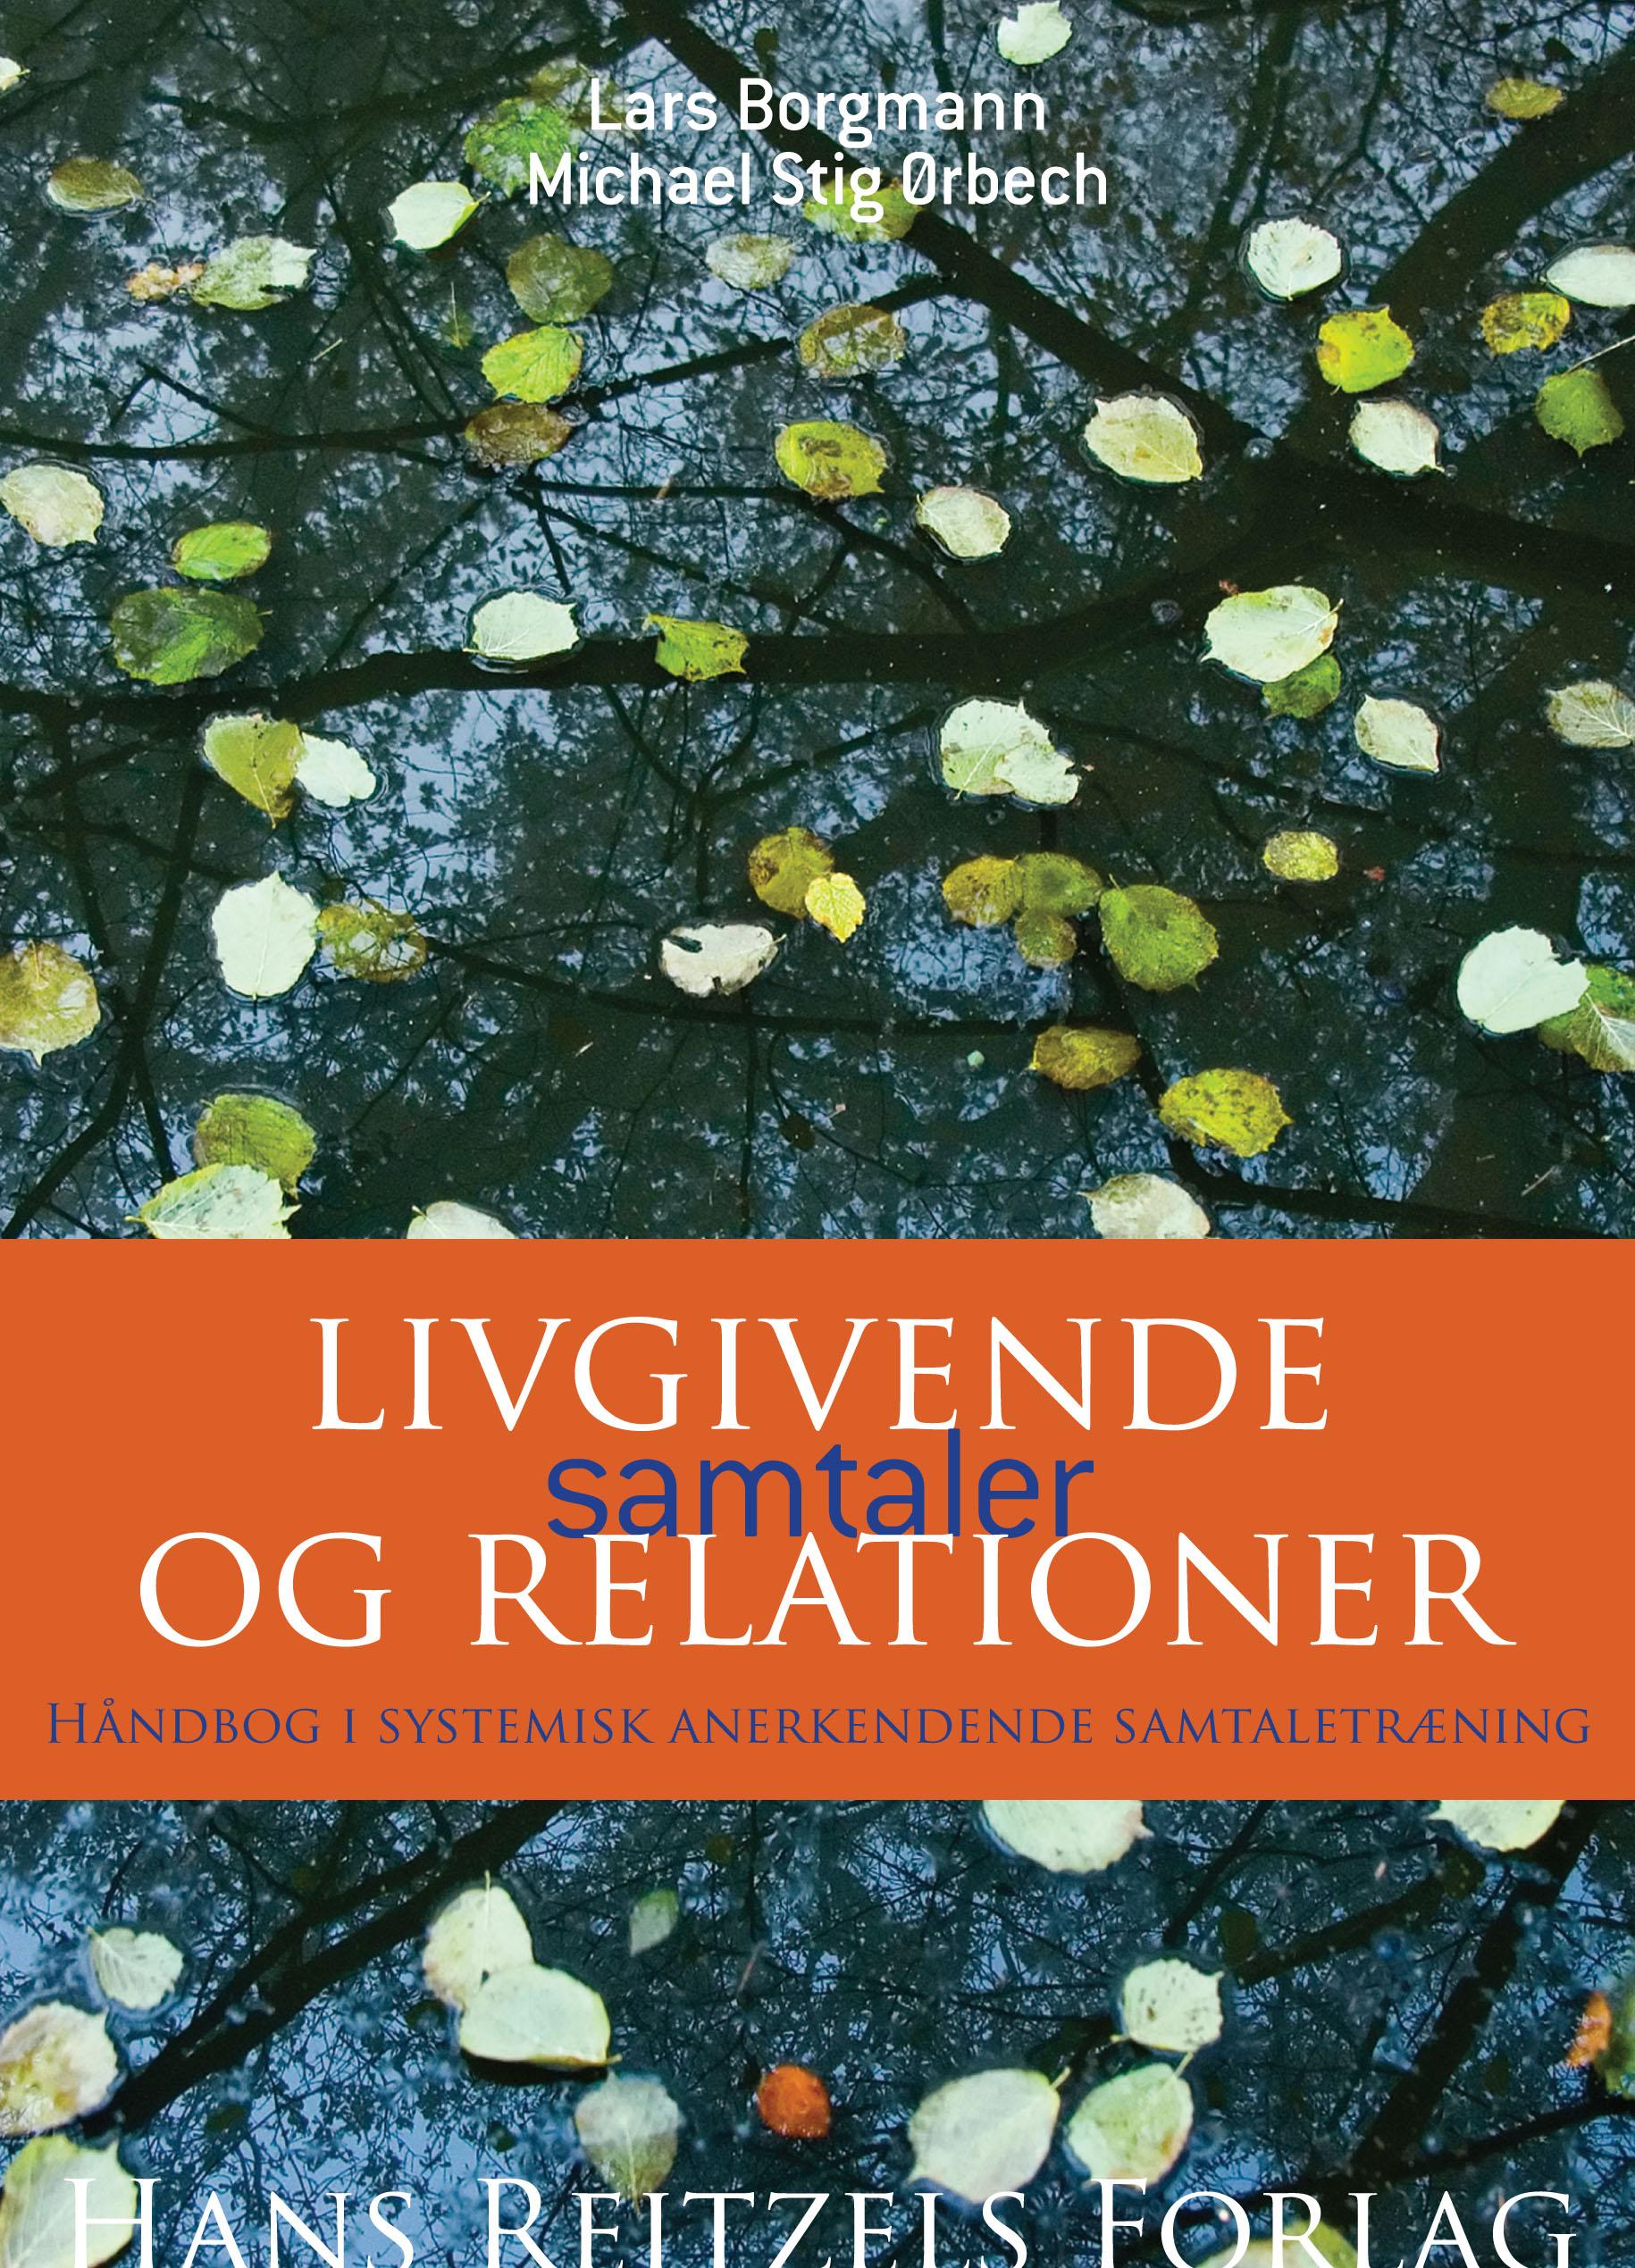 Livgivende samtaler og relationer